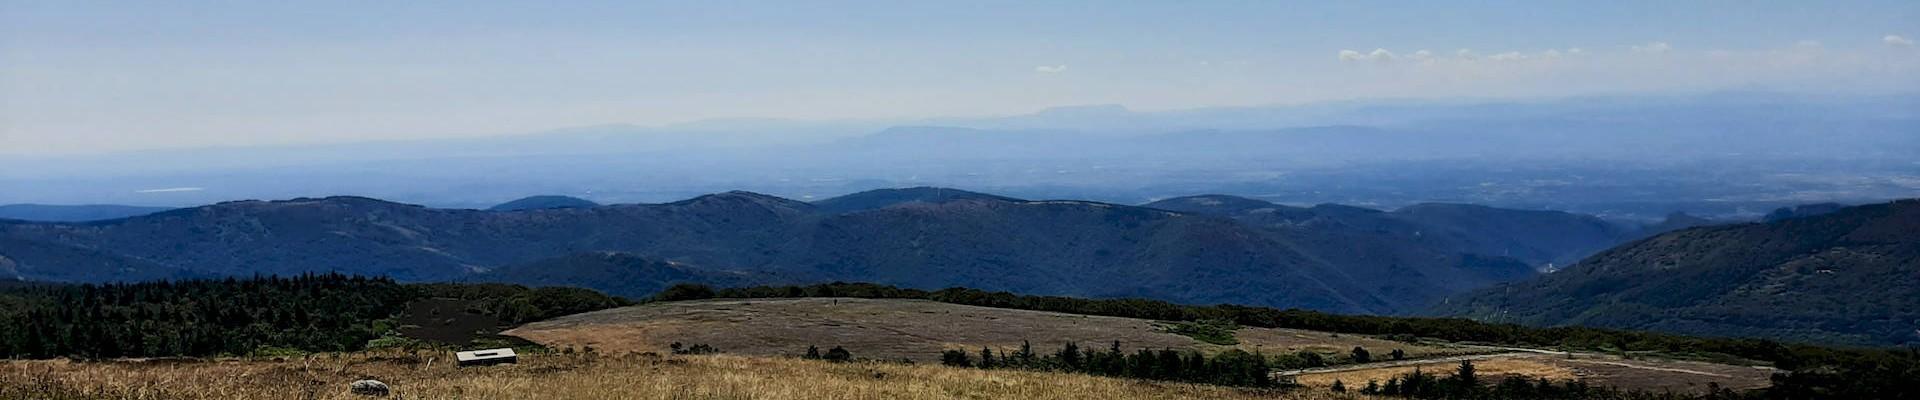 Panorama du Pic de Nore en direction des Pyrénées